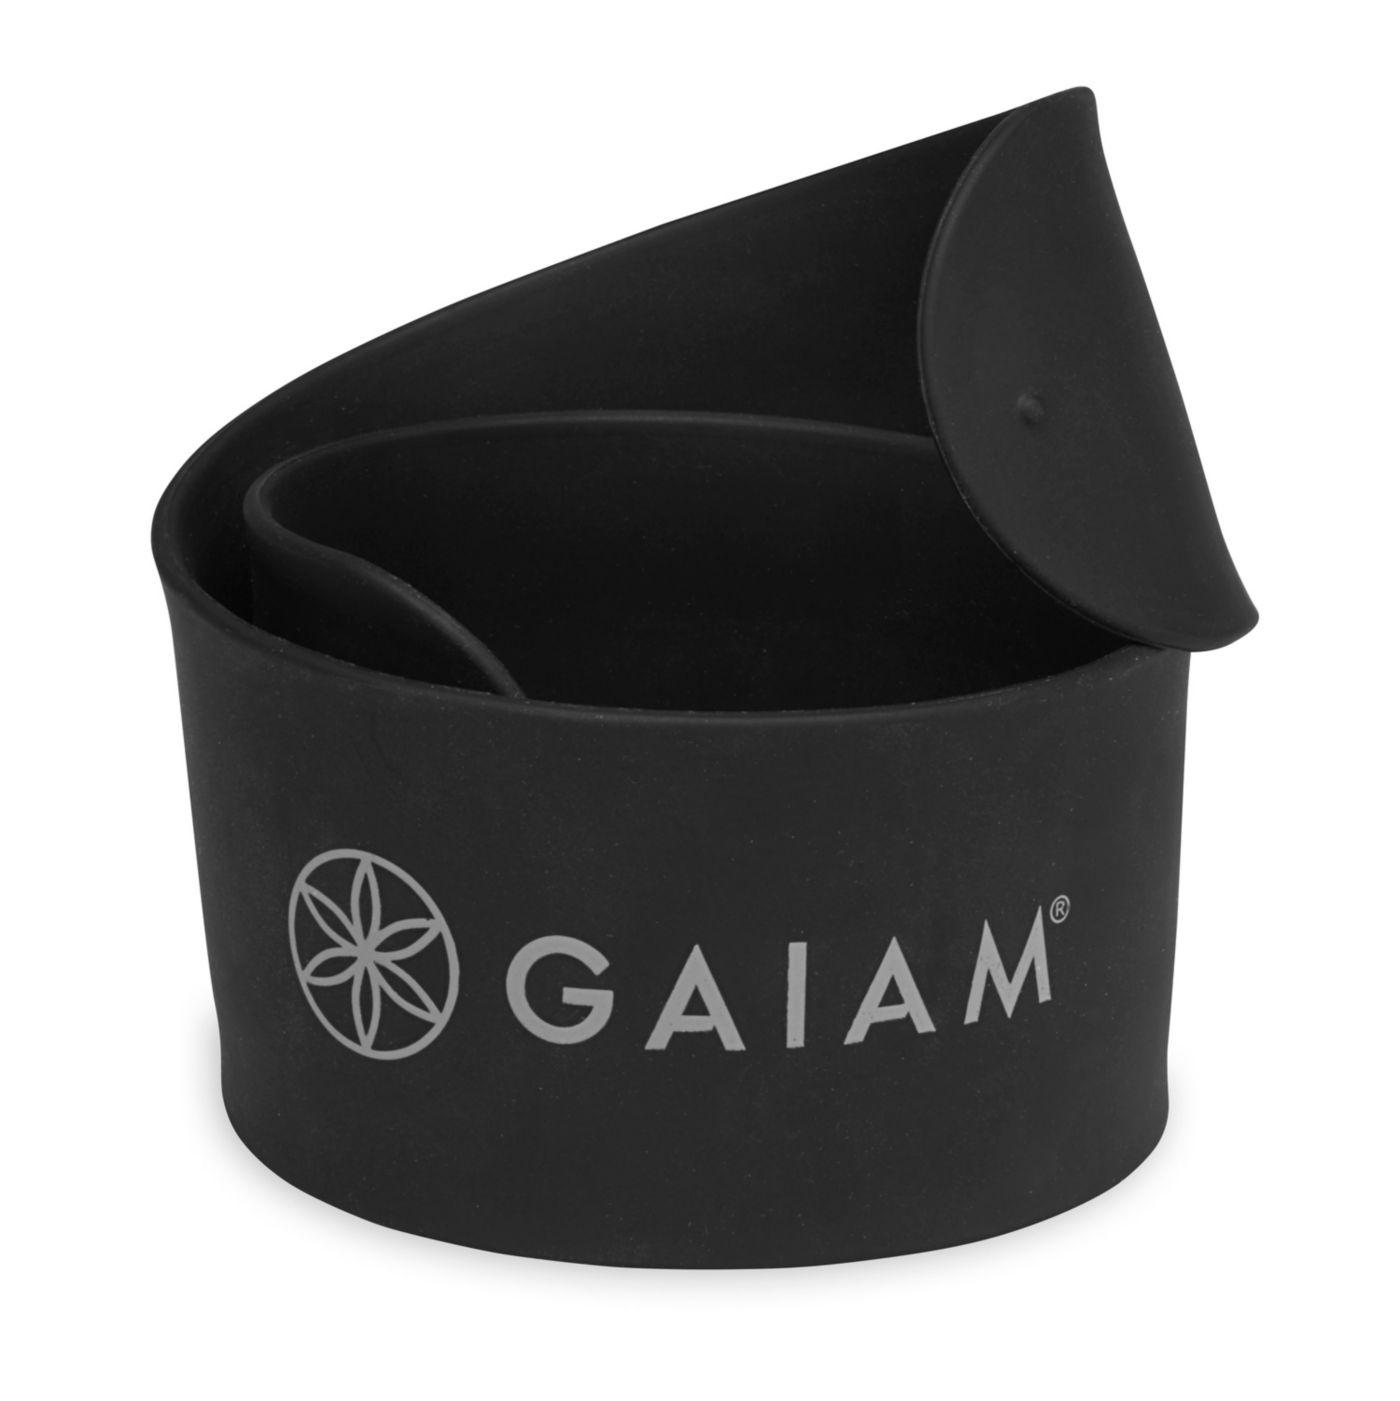 Gaiam Studio Select Yoga Mat Slap Band